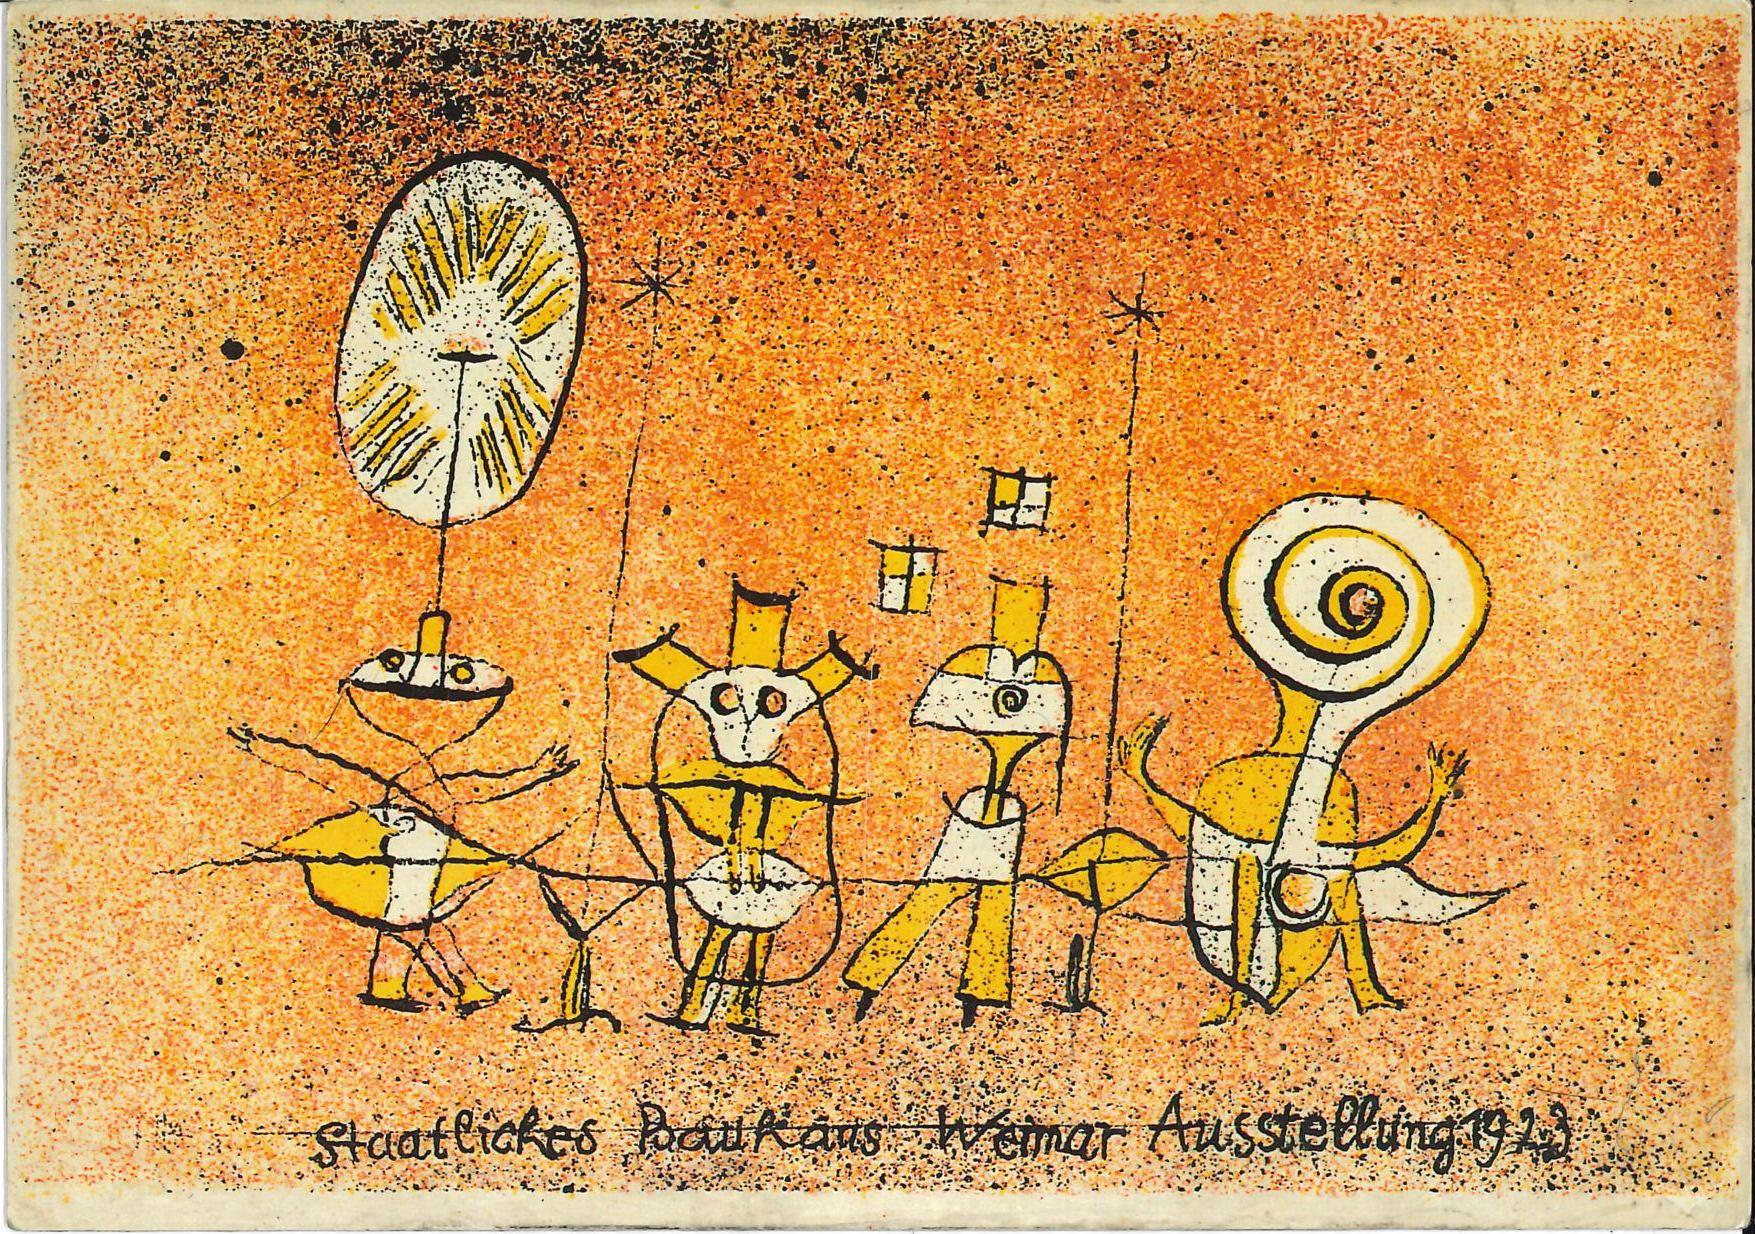 """""""Ausstellung des Staatlichen Bauhauses Weimar"""", Invitation Card designed by Paul Klee, 1923; Archiv der Avantgarden, Staatliche Kunstsammlungen Dresden"""